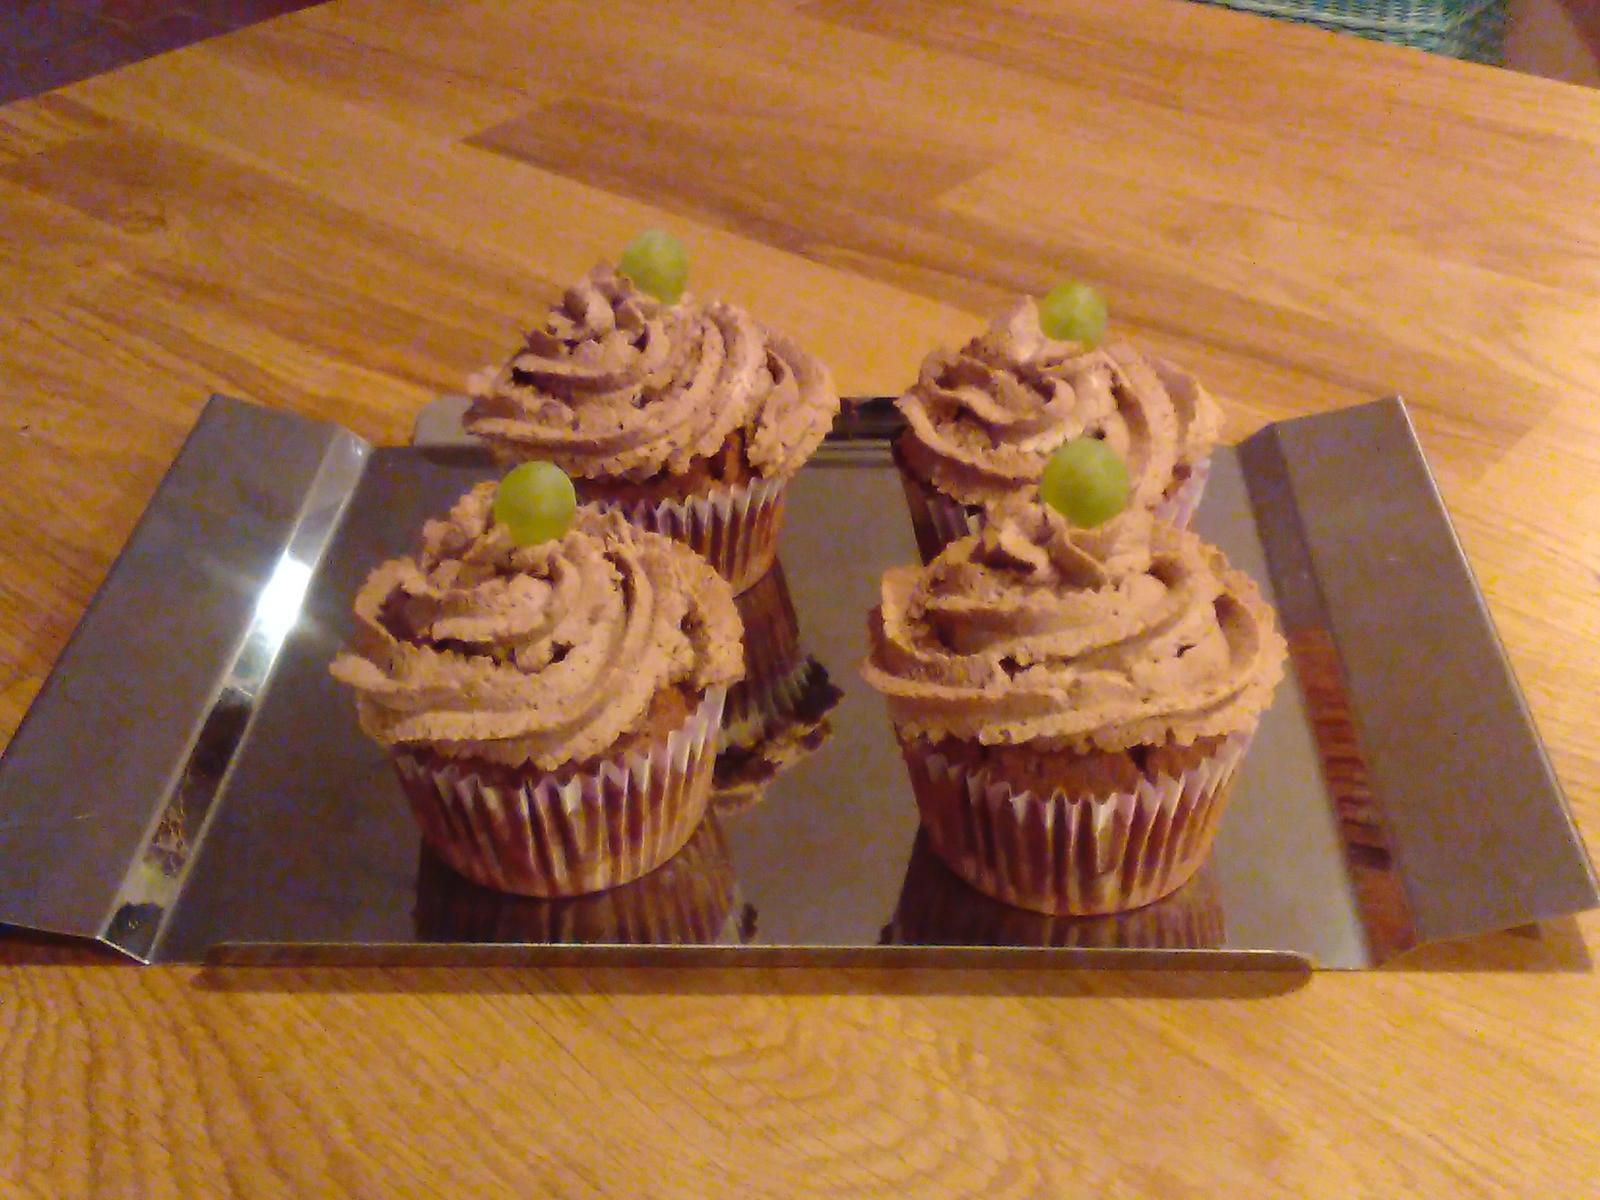 Sladký podzim v mojí kavárně - Velvet cup cakes s mascarem a hořkou čokoládou